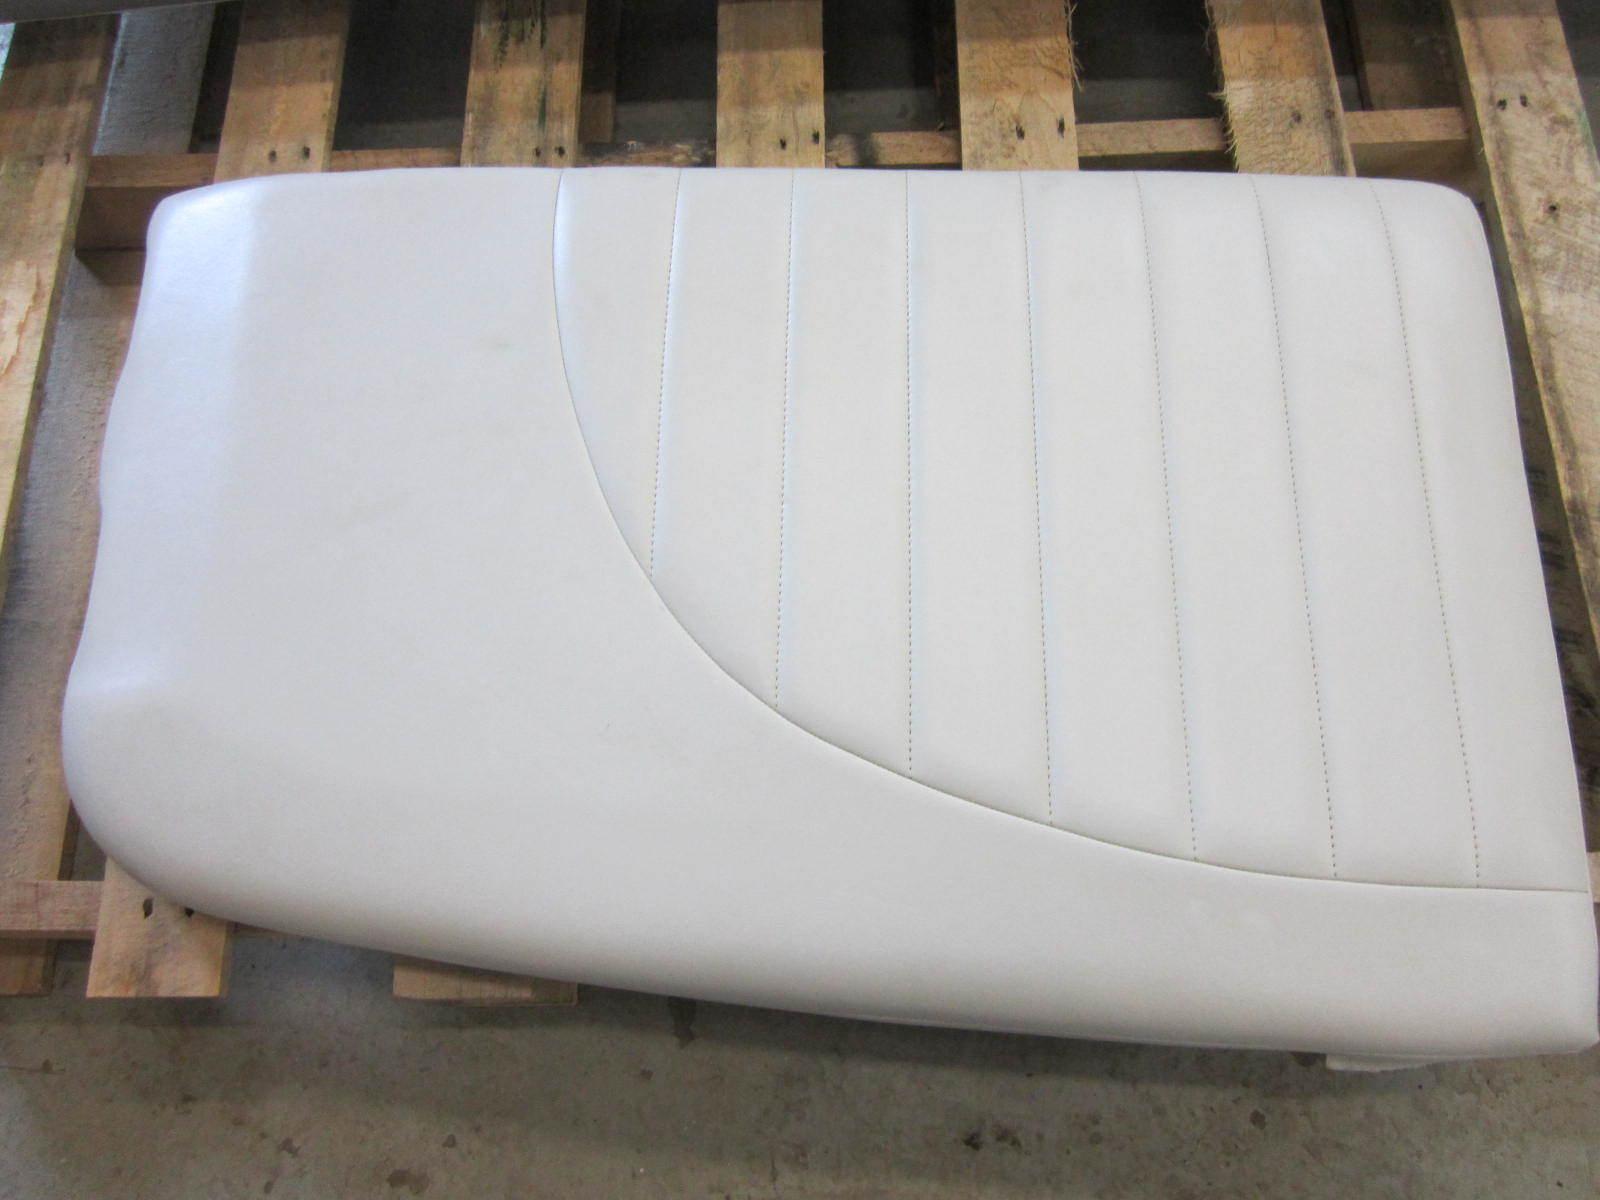 Mastercraft Ski Boat Seat Cushion White Vinyl Ebay